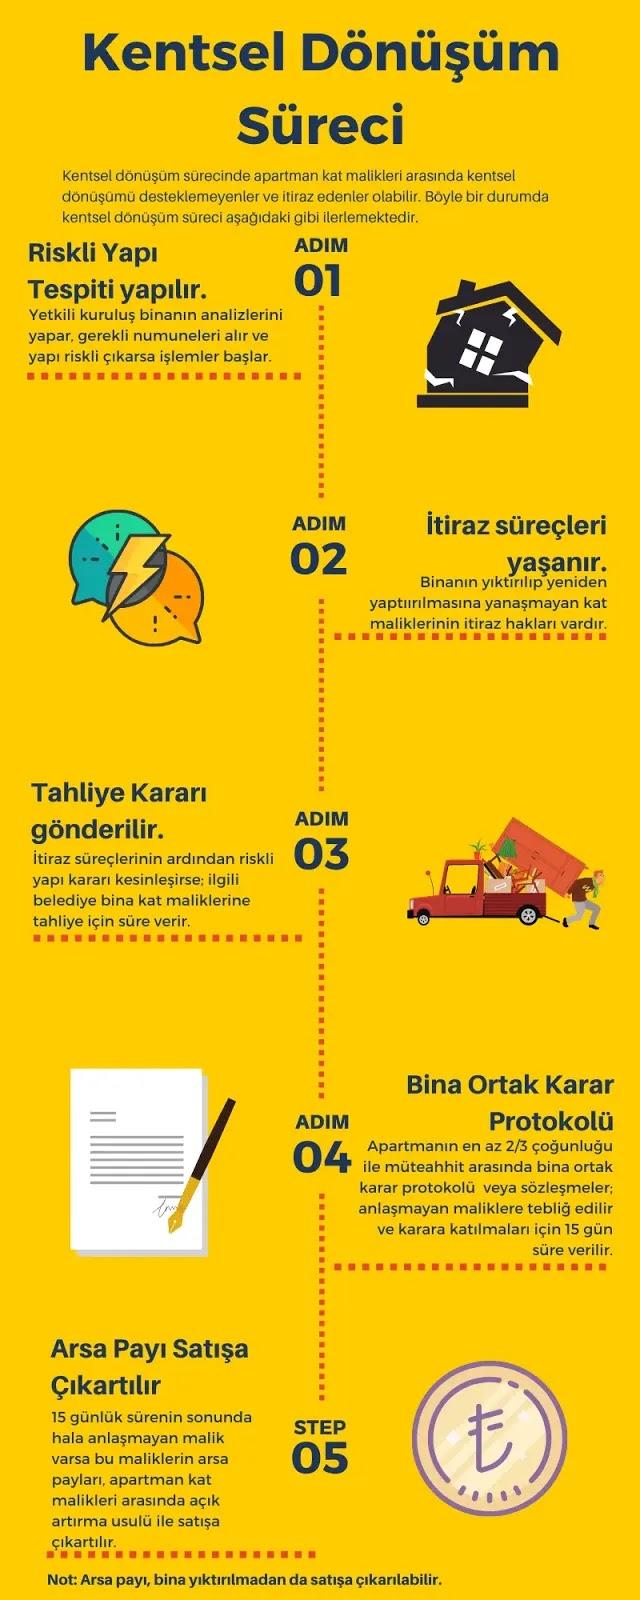 kentsel dönüşüm süreci